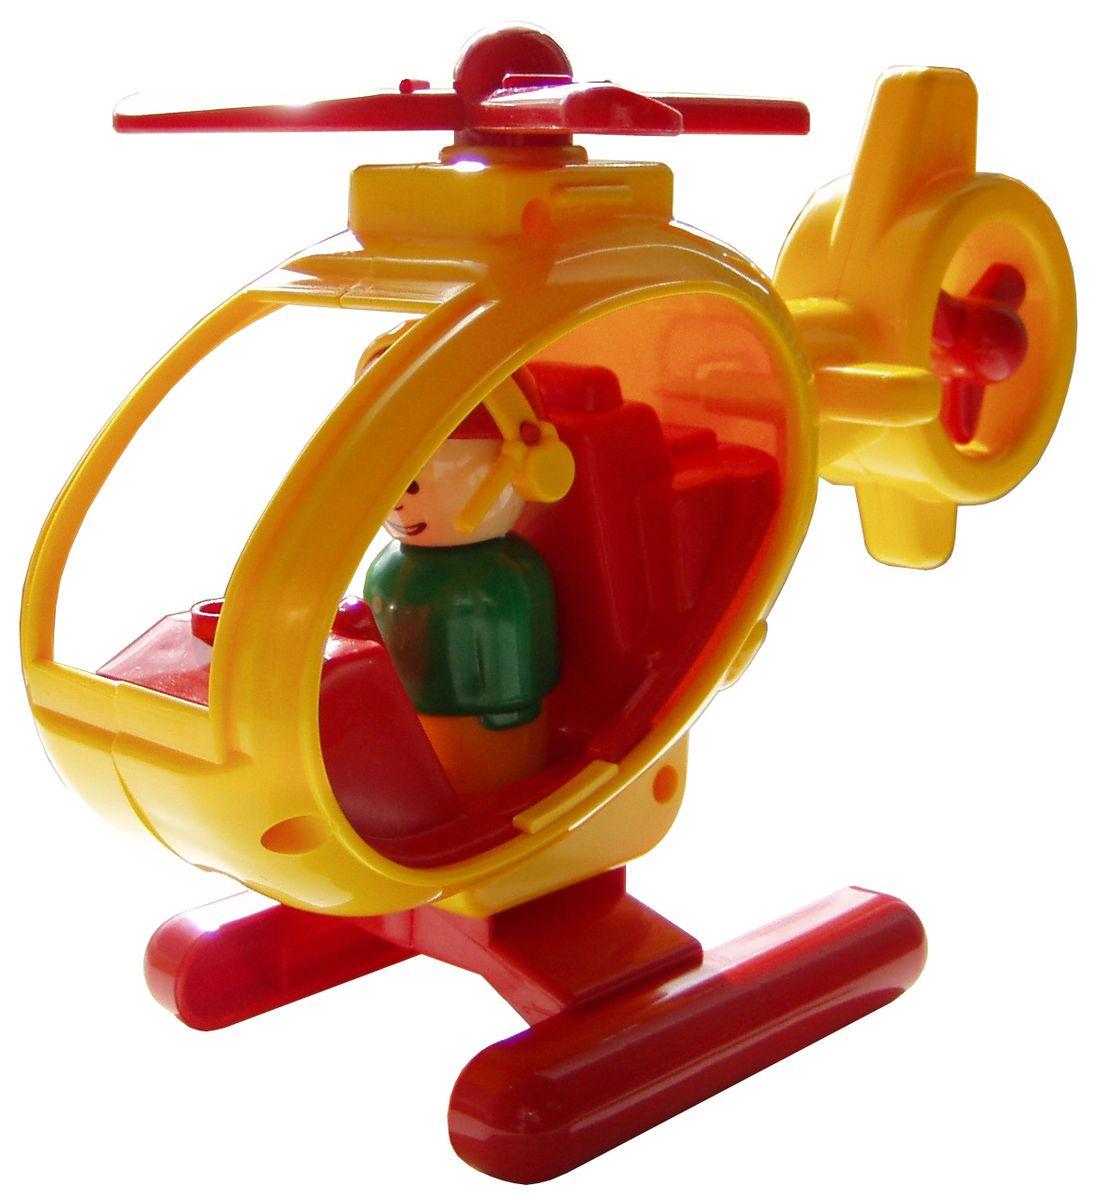 Форма Вертолет Детский сад цвет желтыйС-122-ФВертолет Форма Детский сад - это яркая игрушка, сделанная из качественного материала. Основной и хвостовой пропеллеры вращаются. В комплекте с вертолетом идет фигурка пилота. Фигурку можно вынуть из вертолета и играть с ней отдельно. Интересная форма и движущиеся элементы принесут массу радостных эмоций малышу!